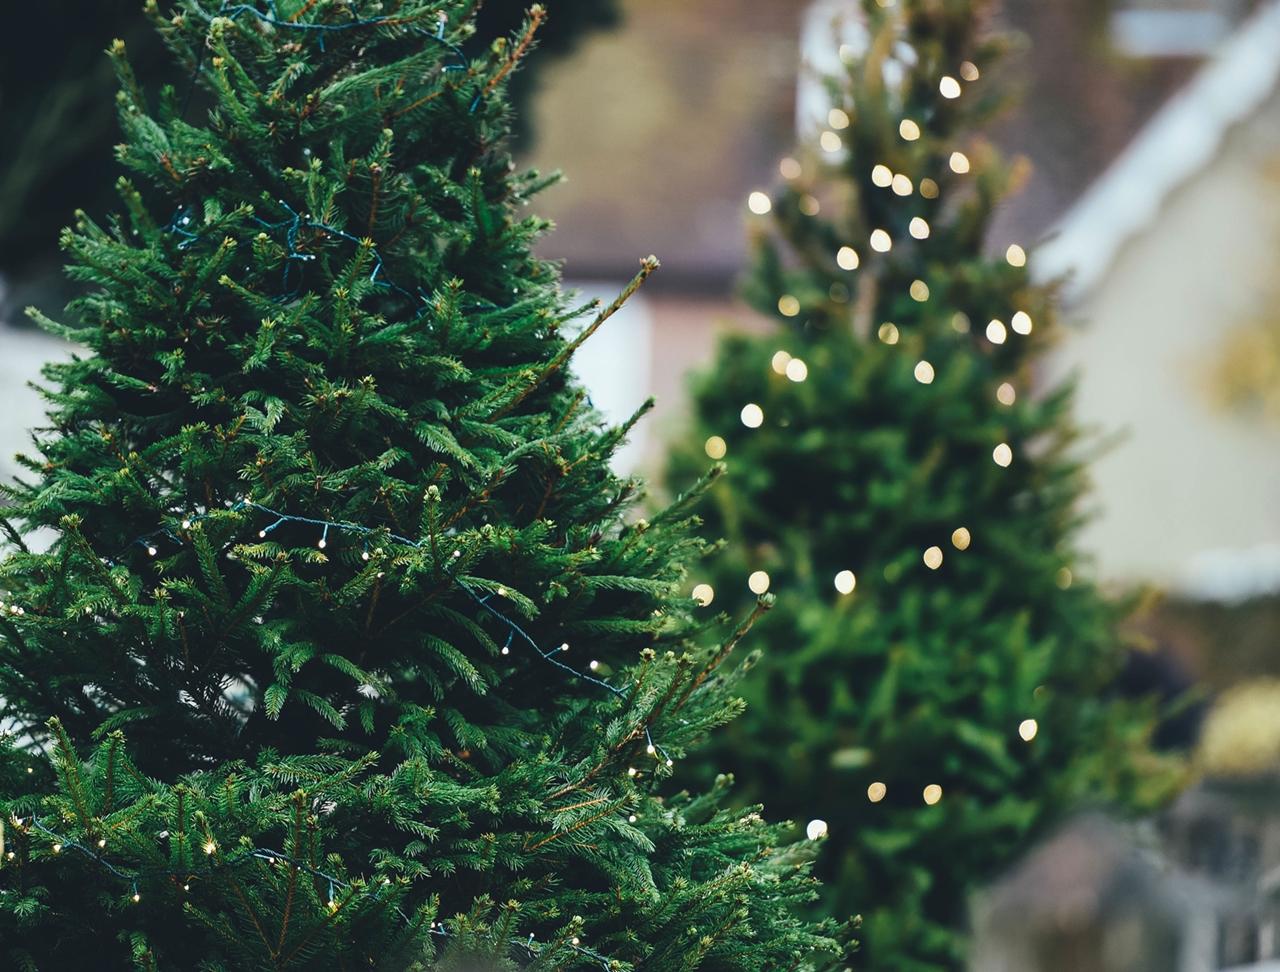 ekologiczne święta choinka żywa annie spratt